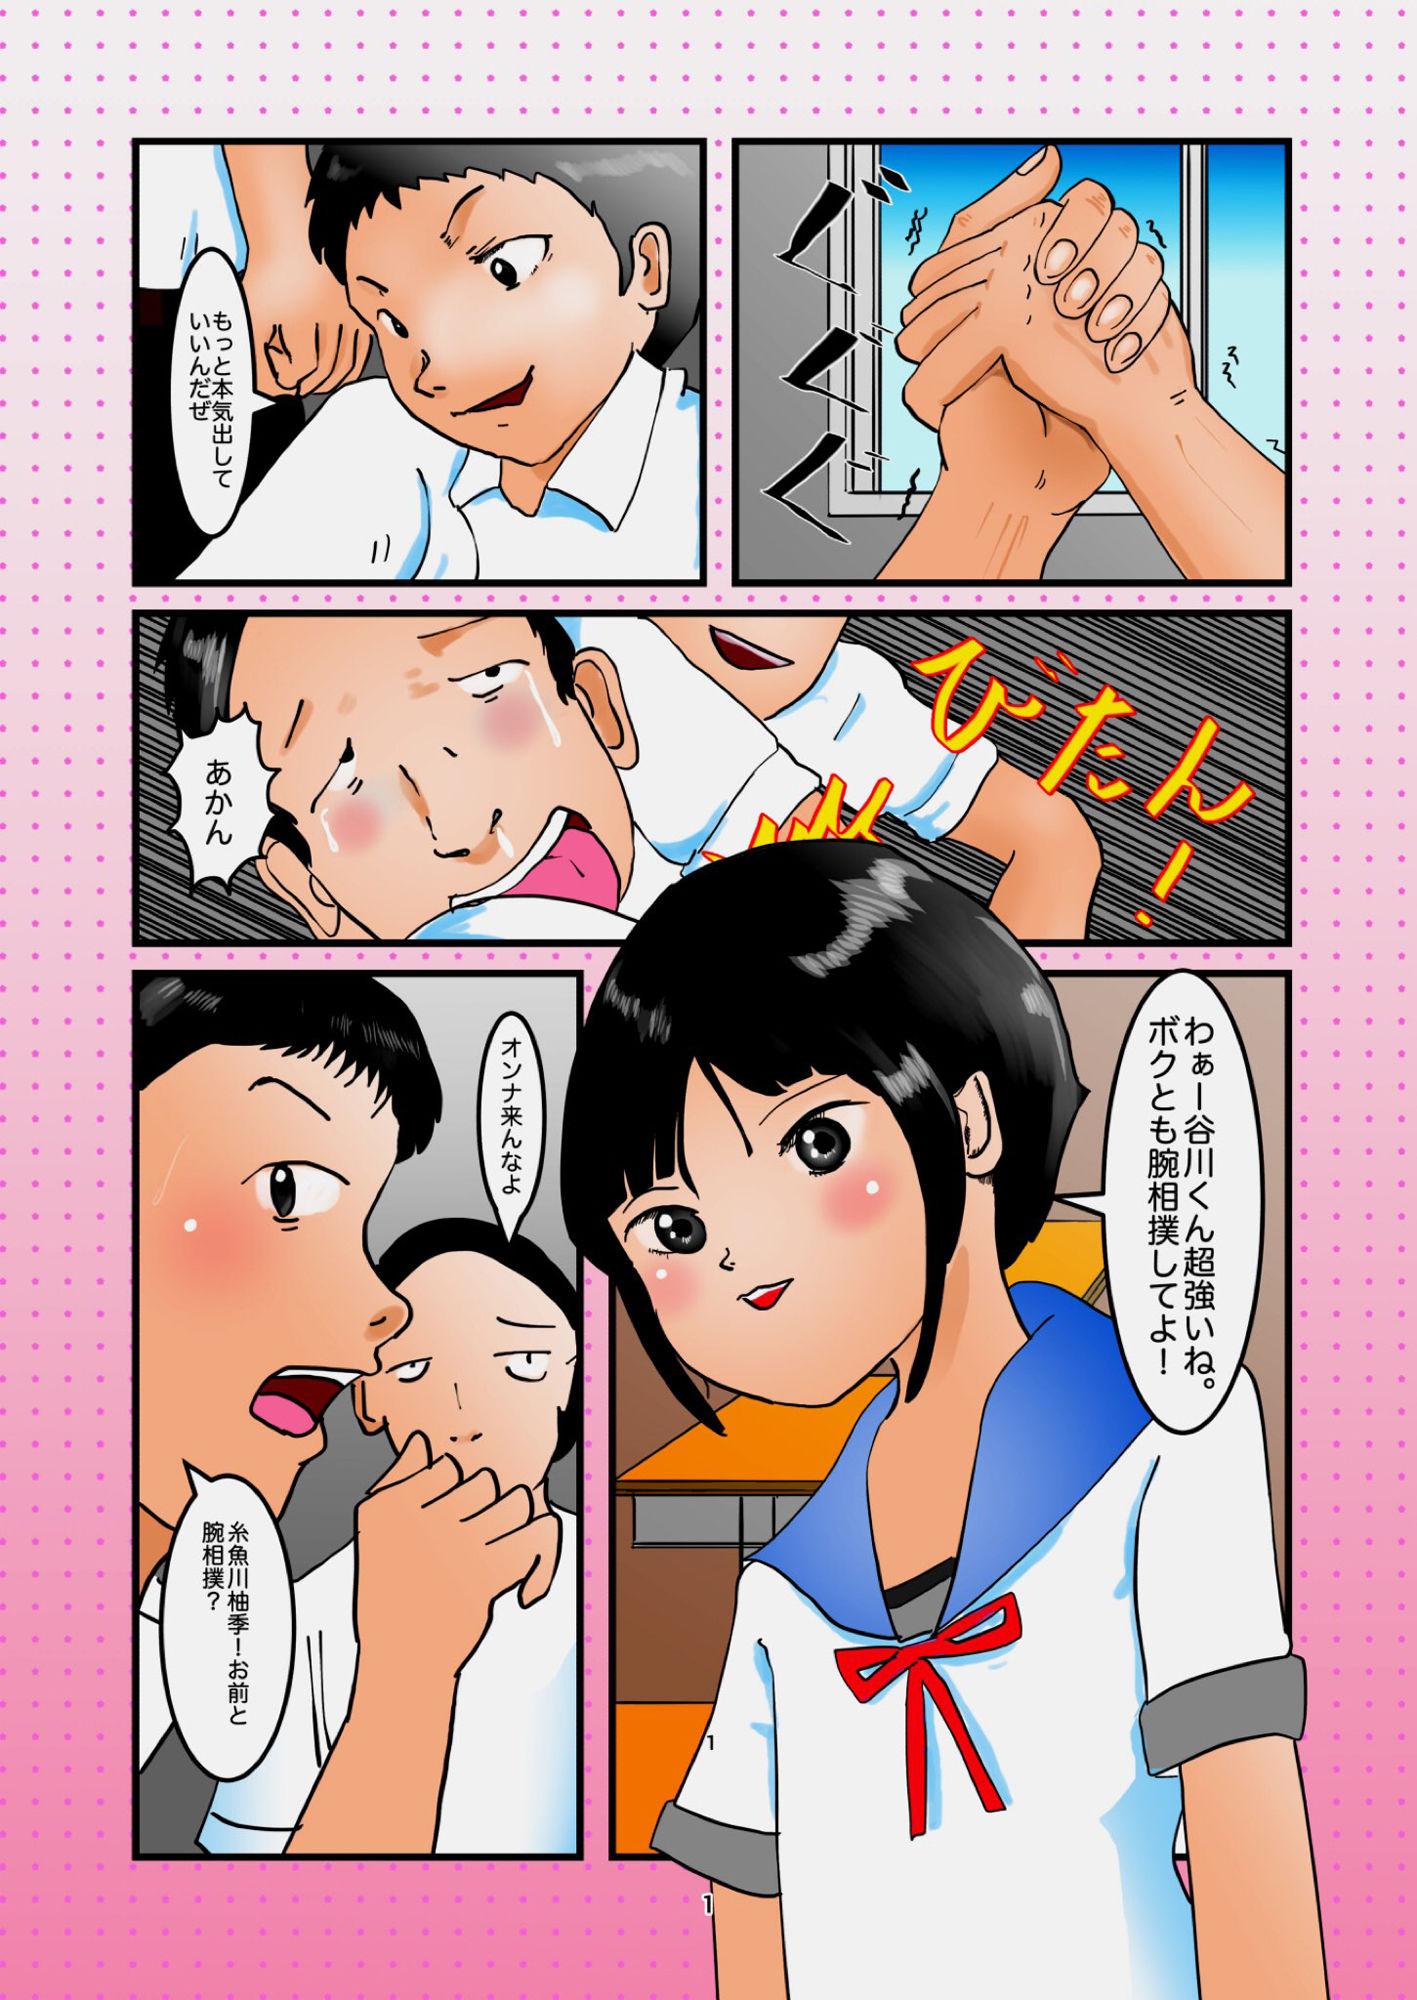 【ぼーぼーず 同人】柚季と竿相撲!